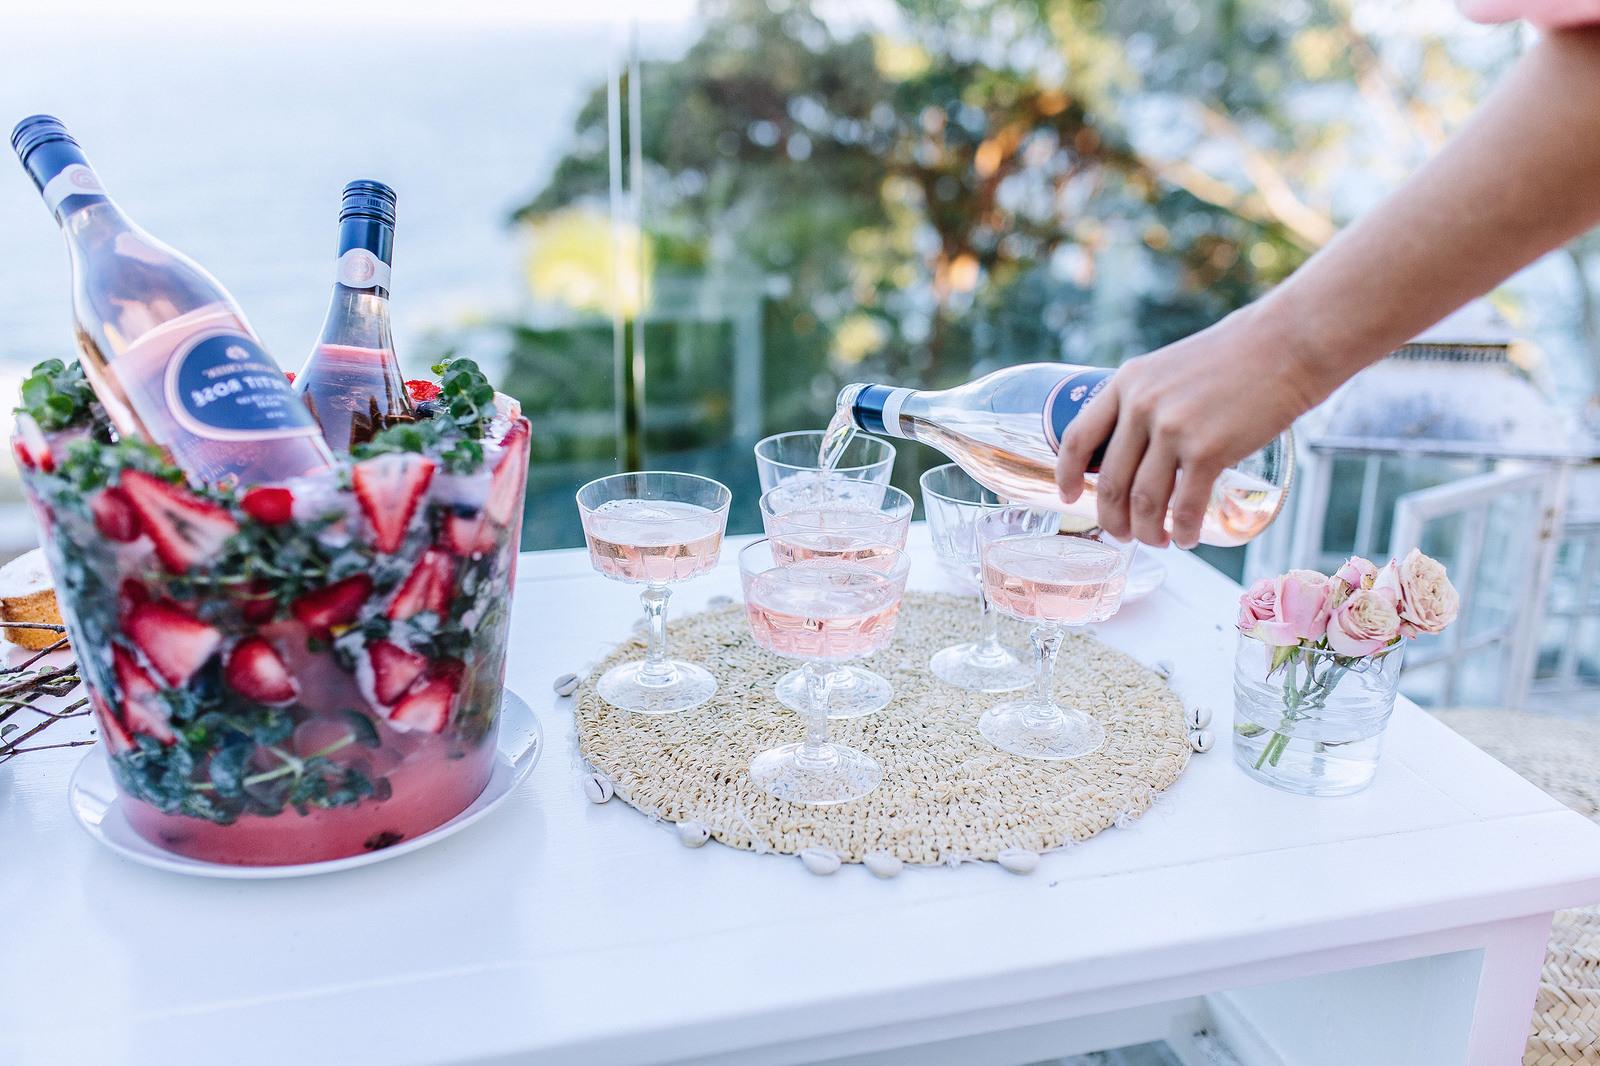 Tolle Ideen für den Gästenempgang: Einen gefrorenen Sekthalter mit Beeren und Blumen und Eiswürfel selber machen